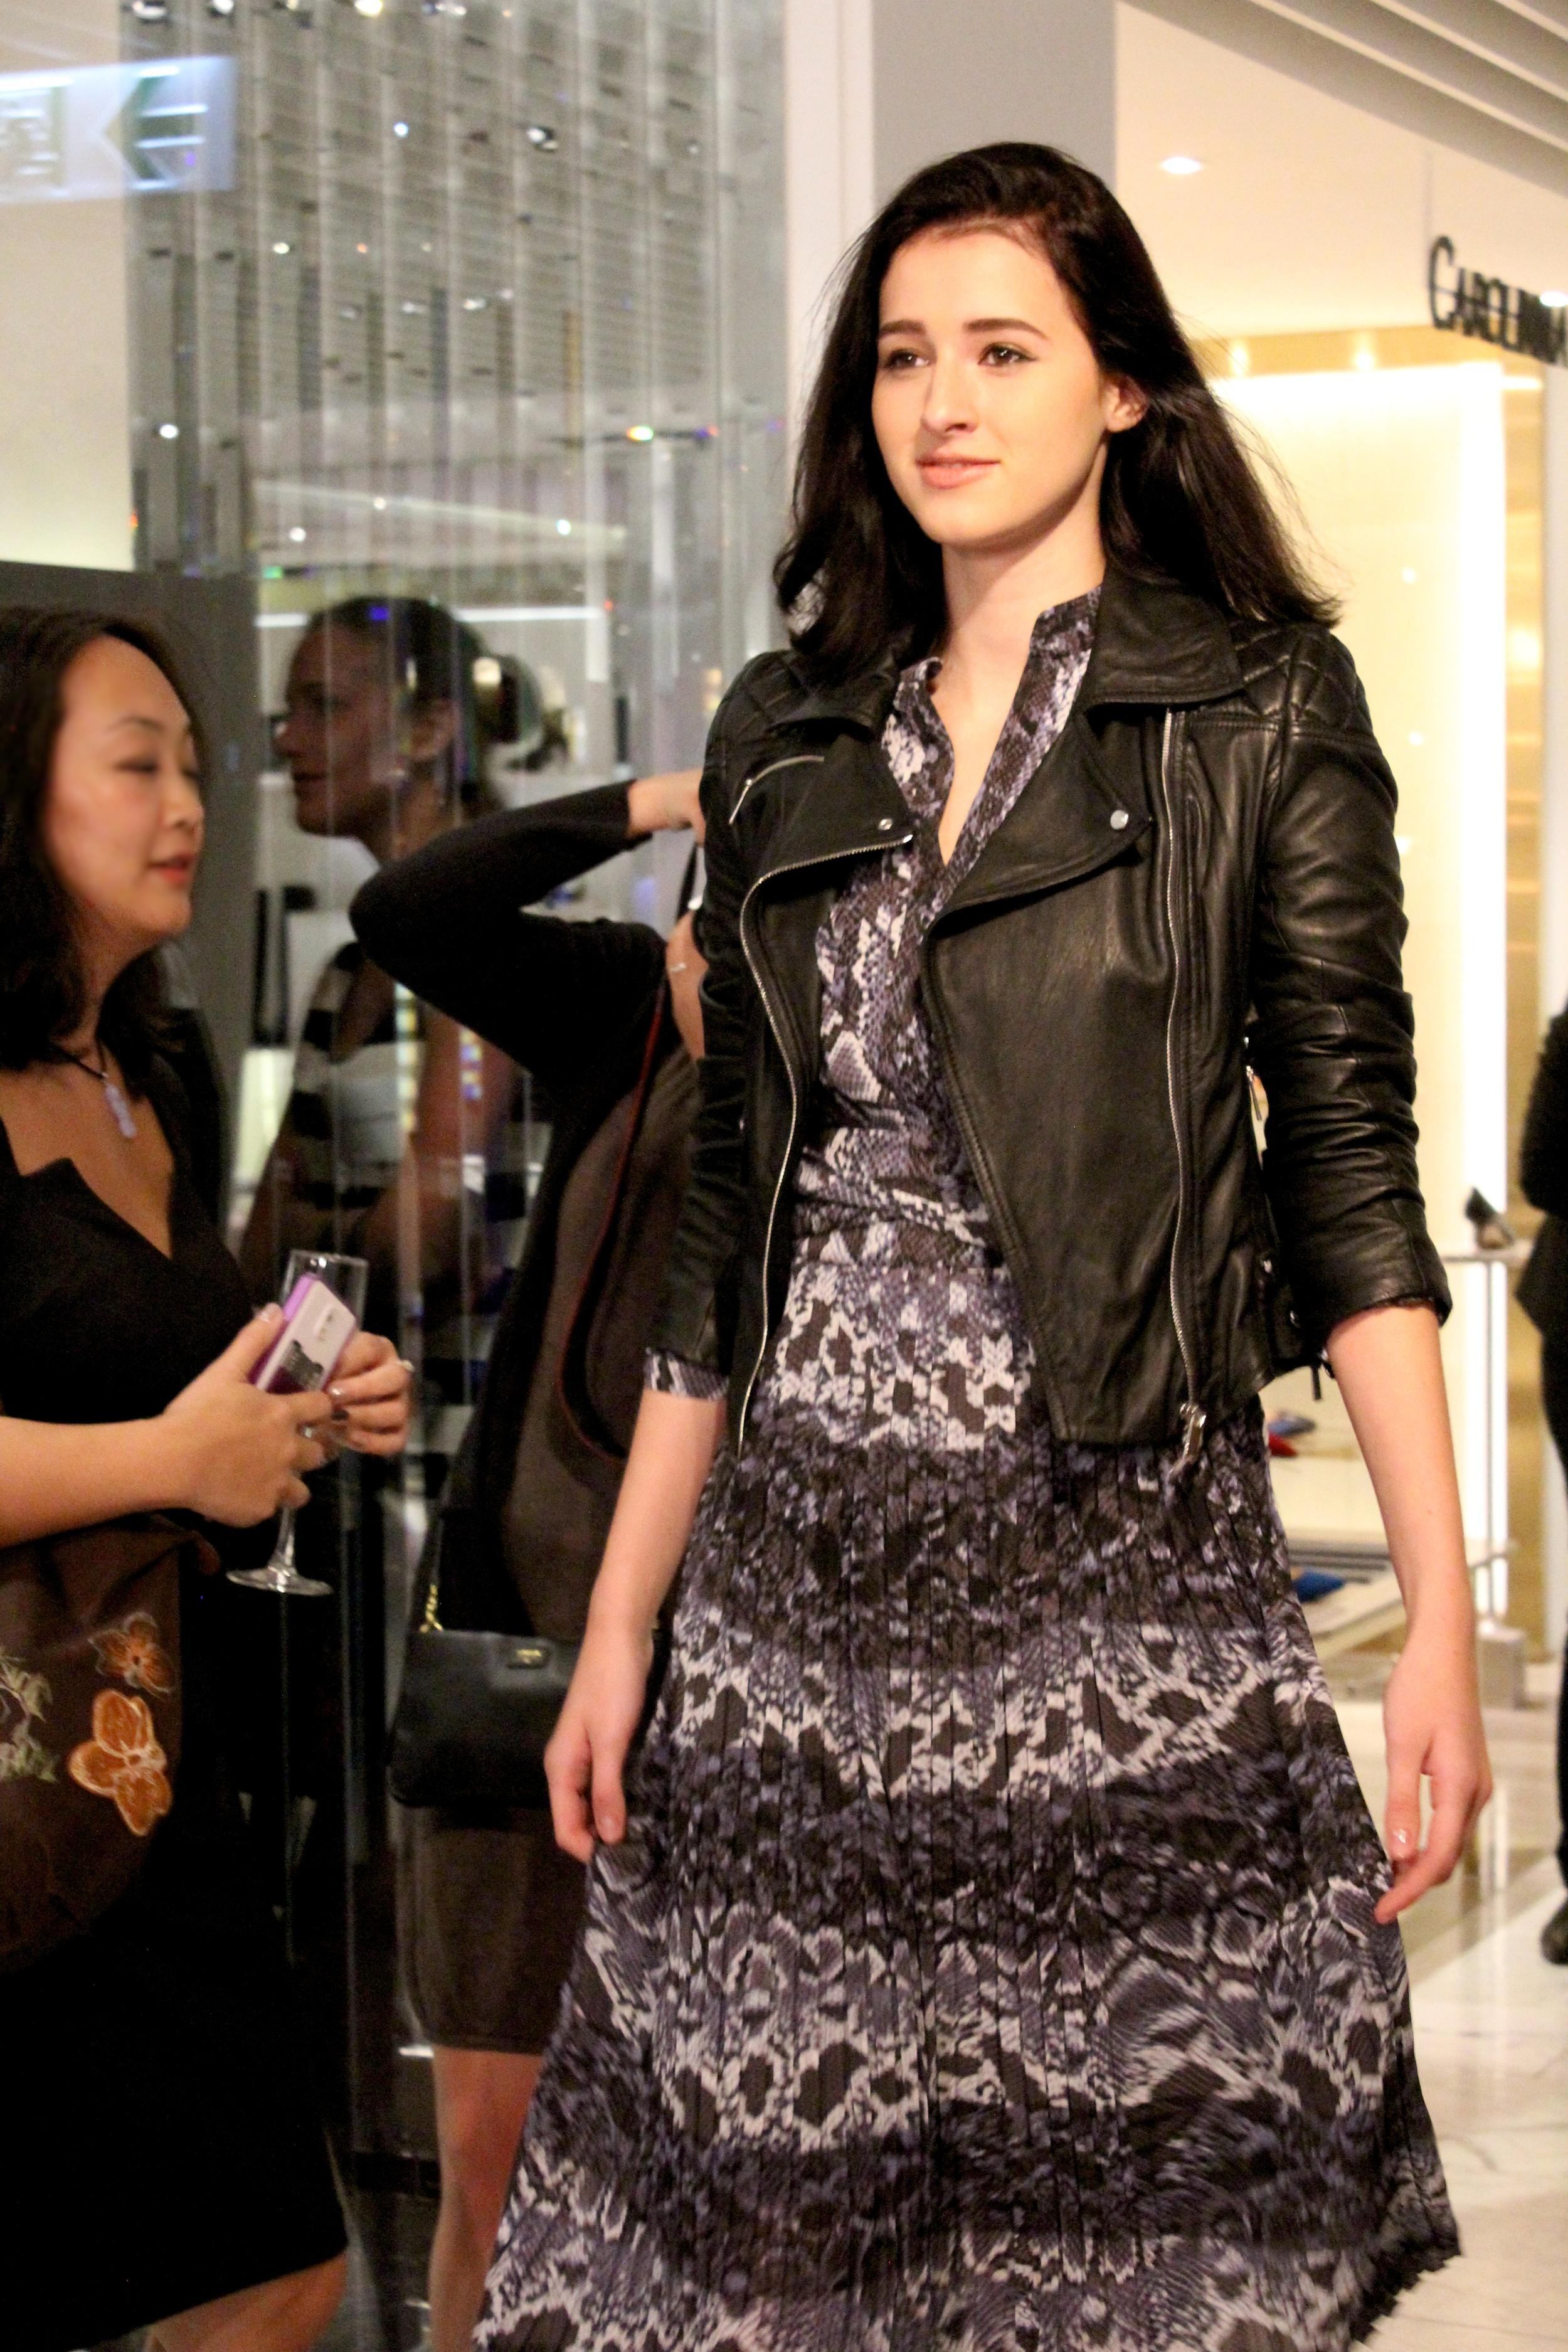 Jacket:  Signature leather jacket